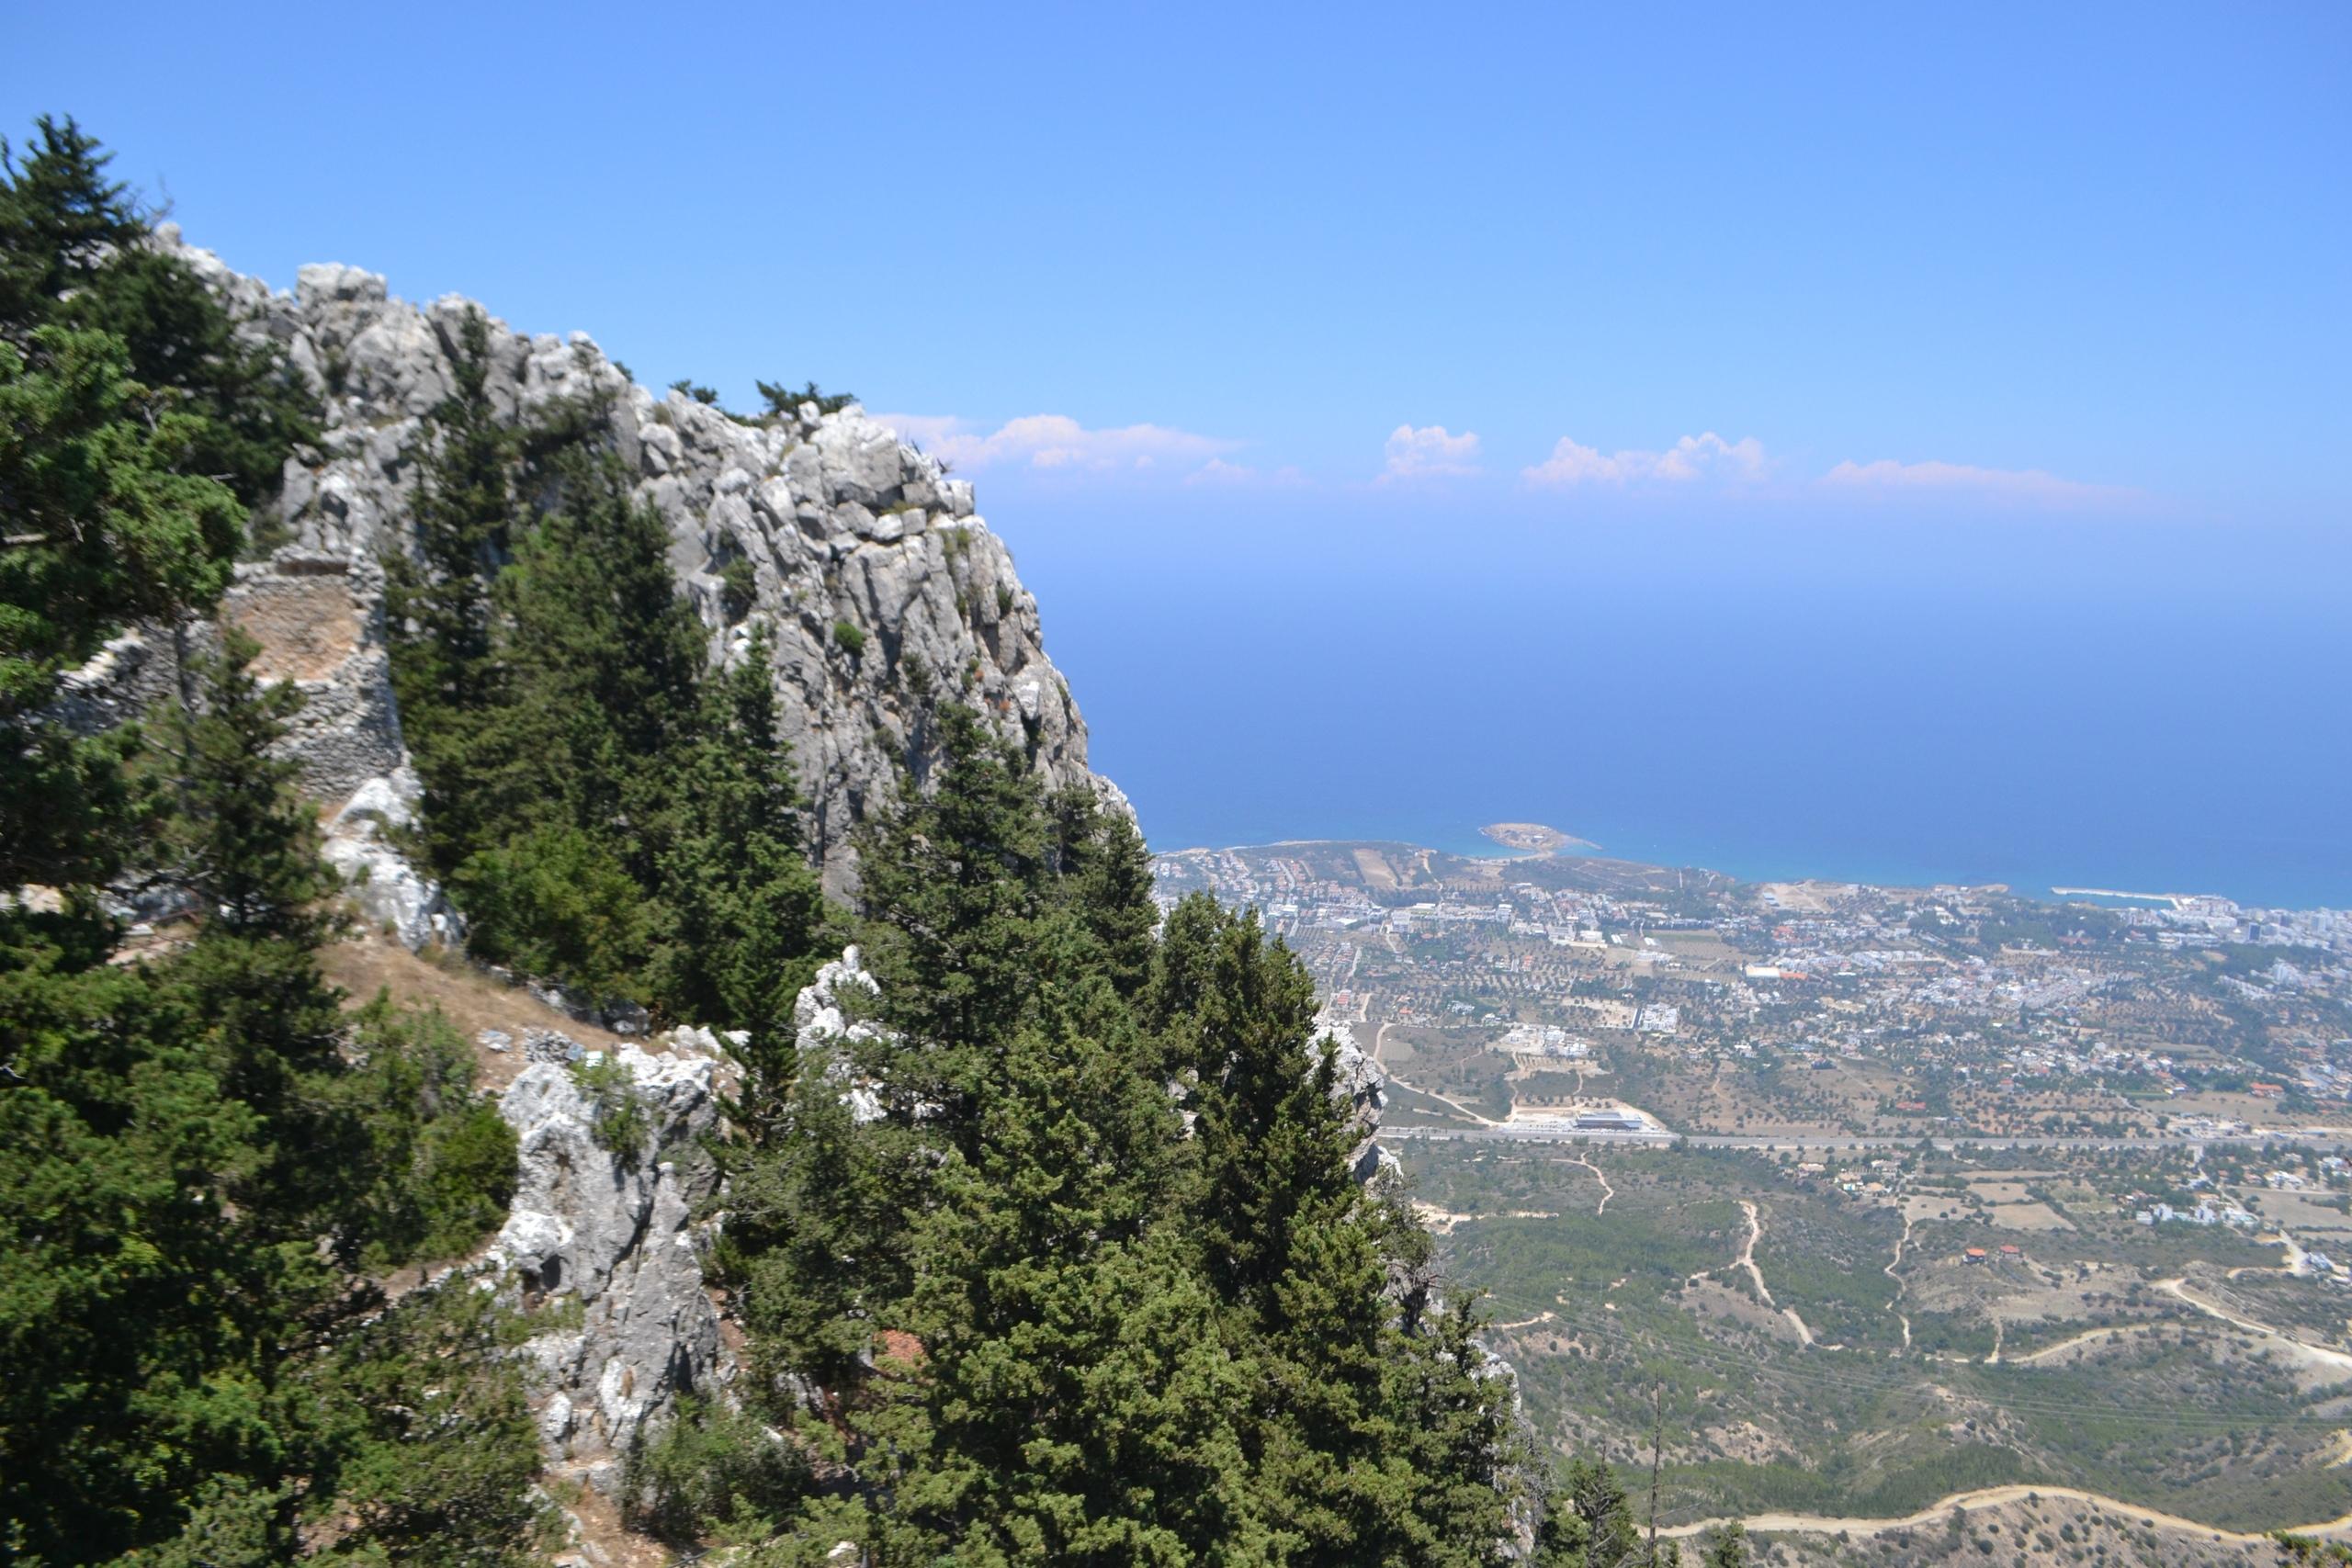 Северный Кипр. Замок Святого Иллариона. (фото). - Страница 2 HiSInLadzbE